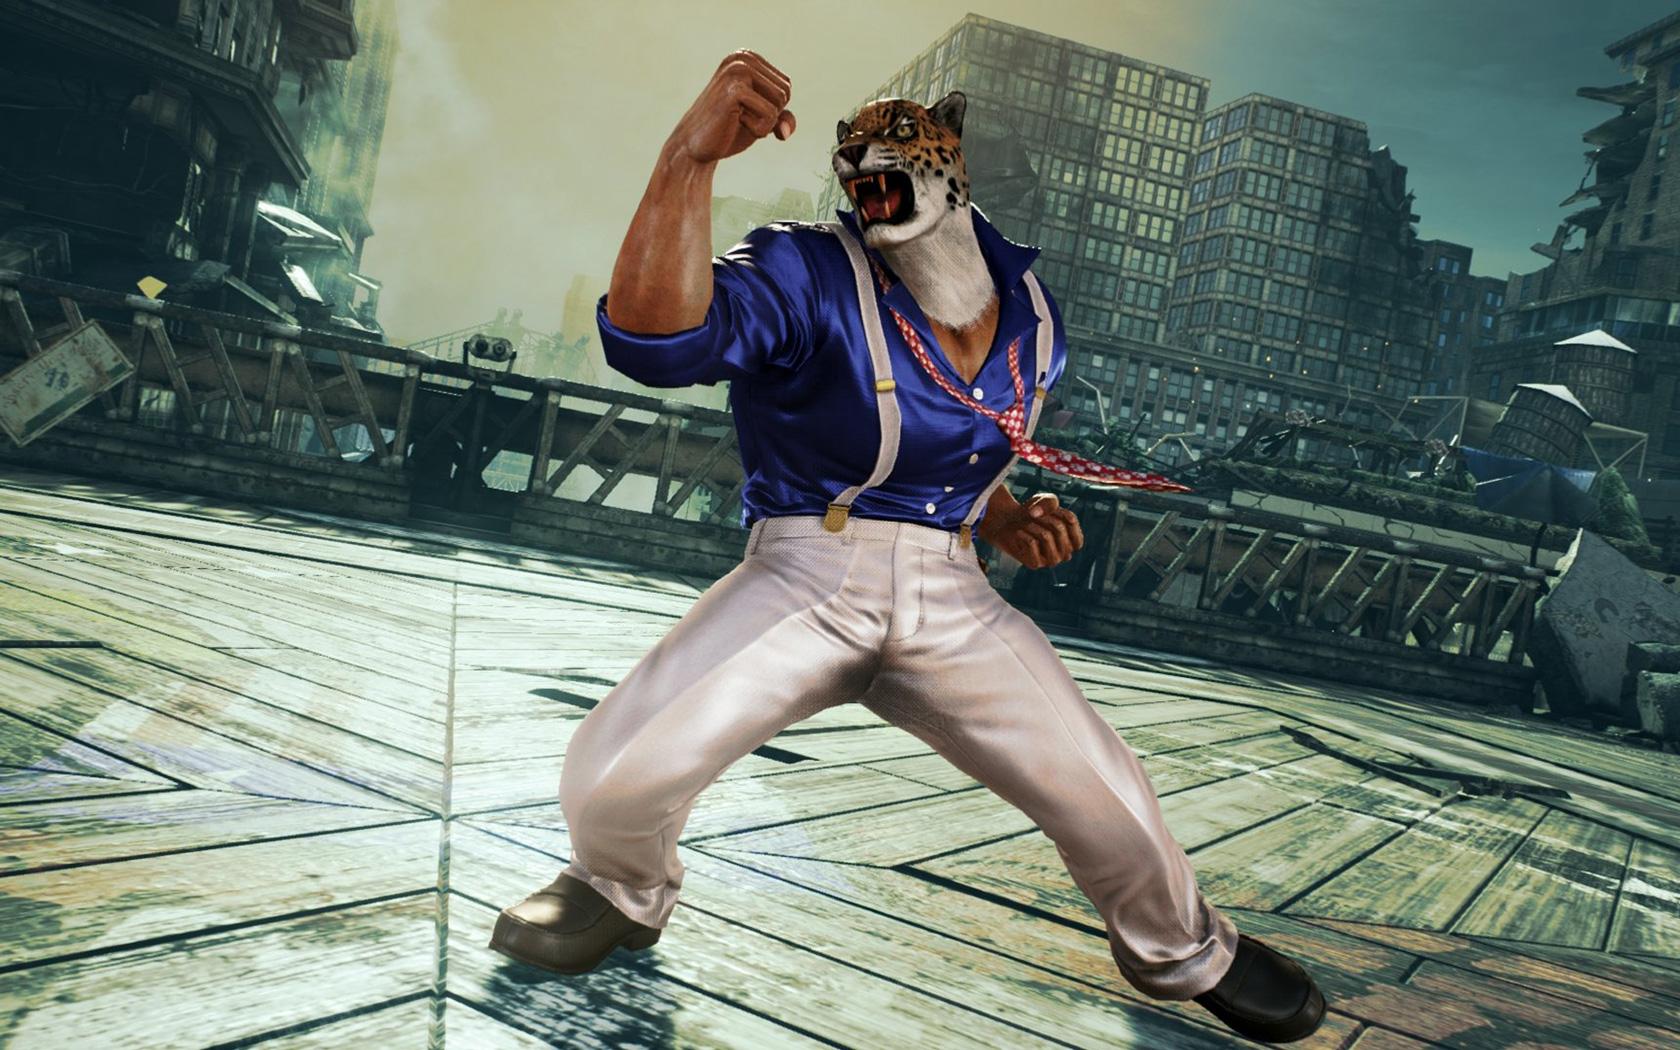 Free Tekken 7 Wallpaper in 1680x1050